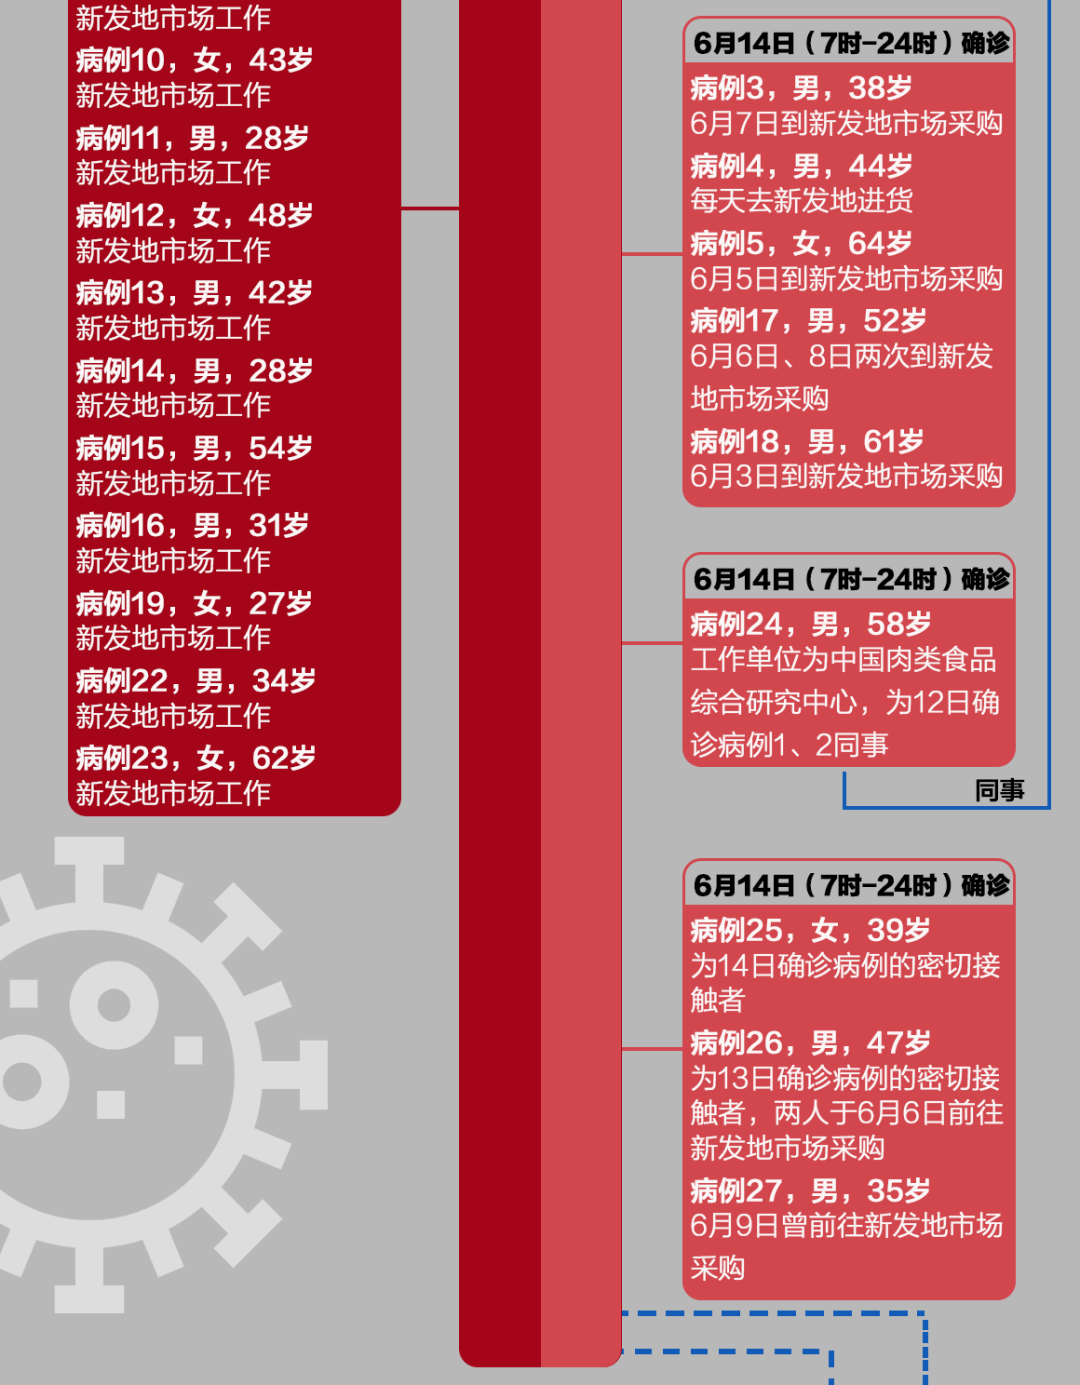 一图看懂 | 北京4天79例确诊,是这么感染的